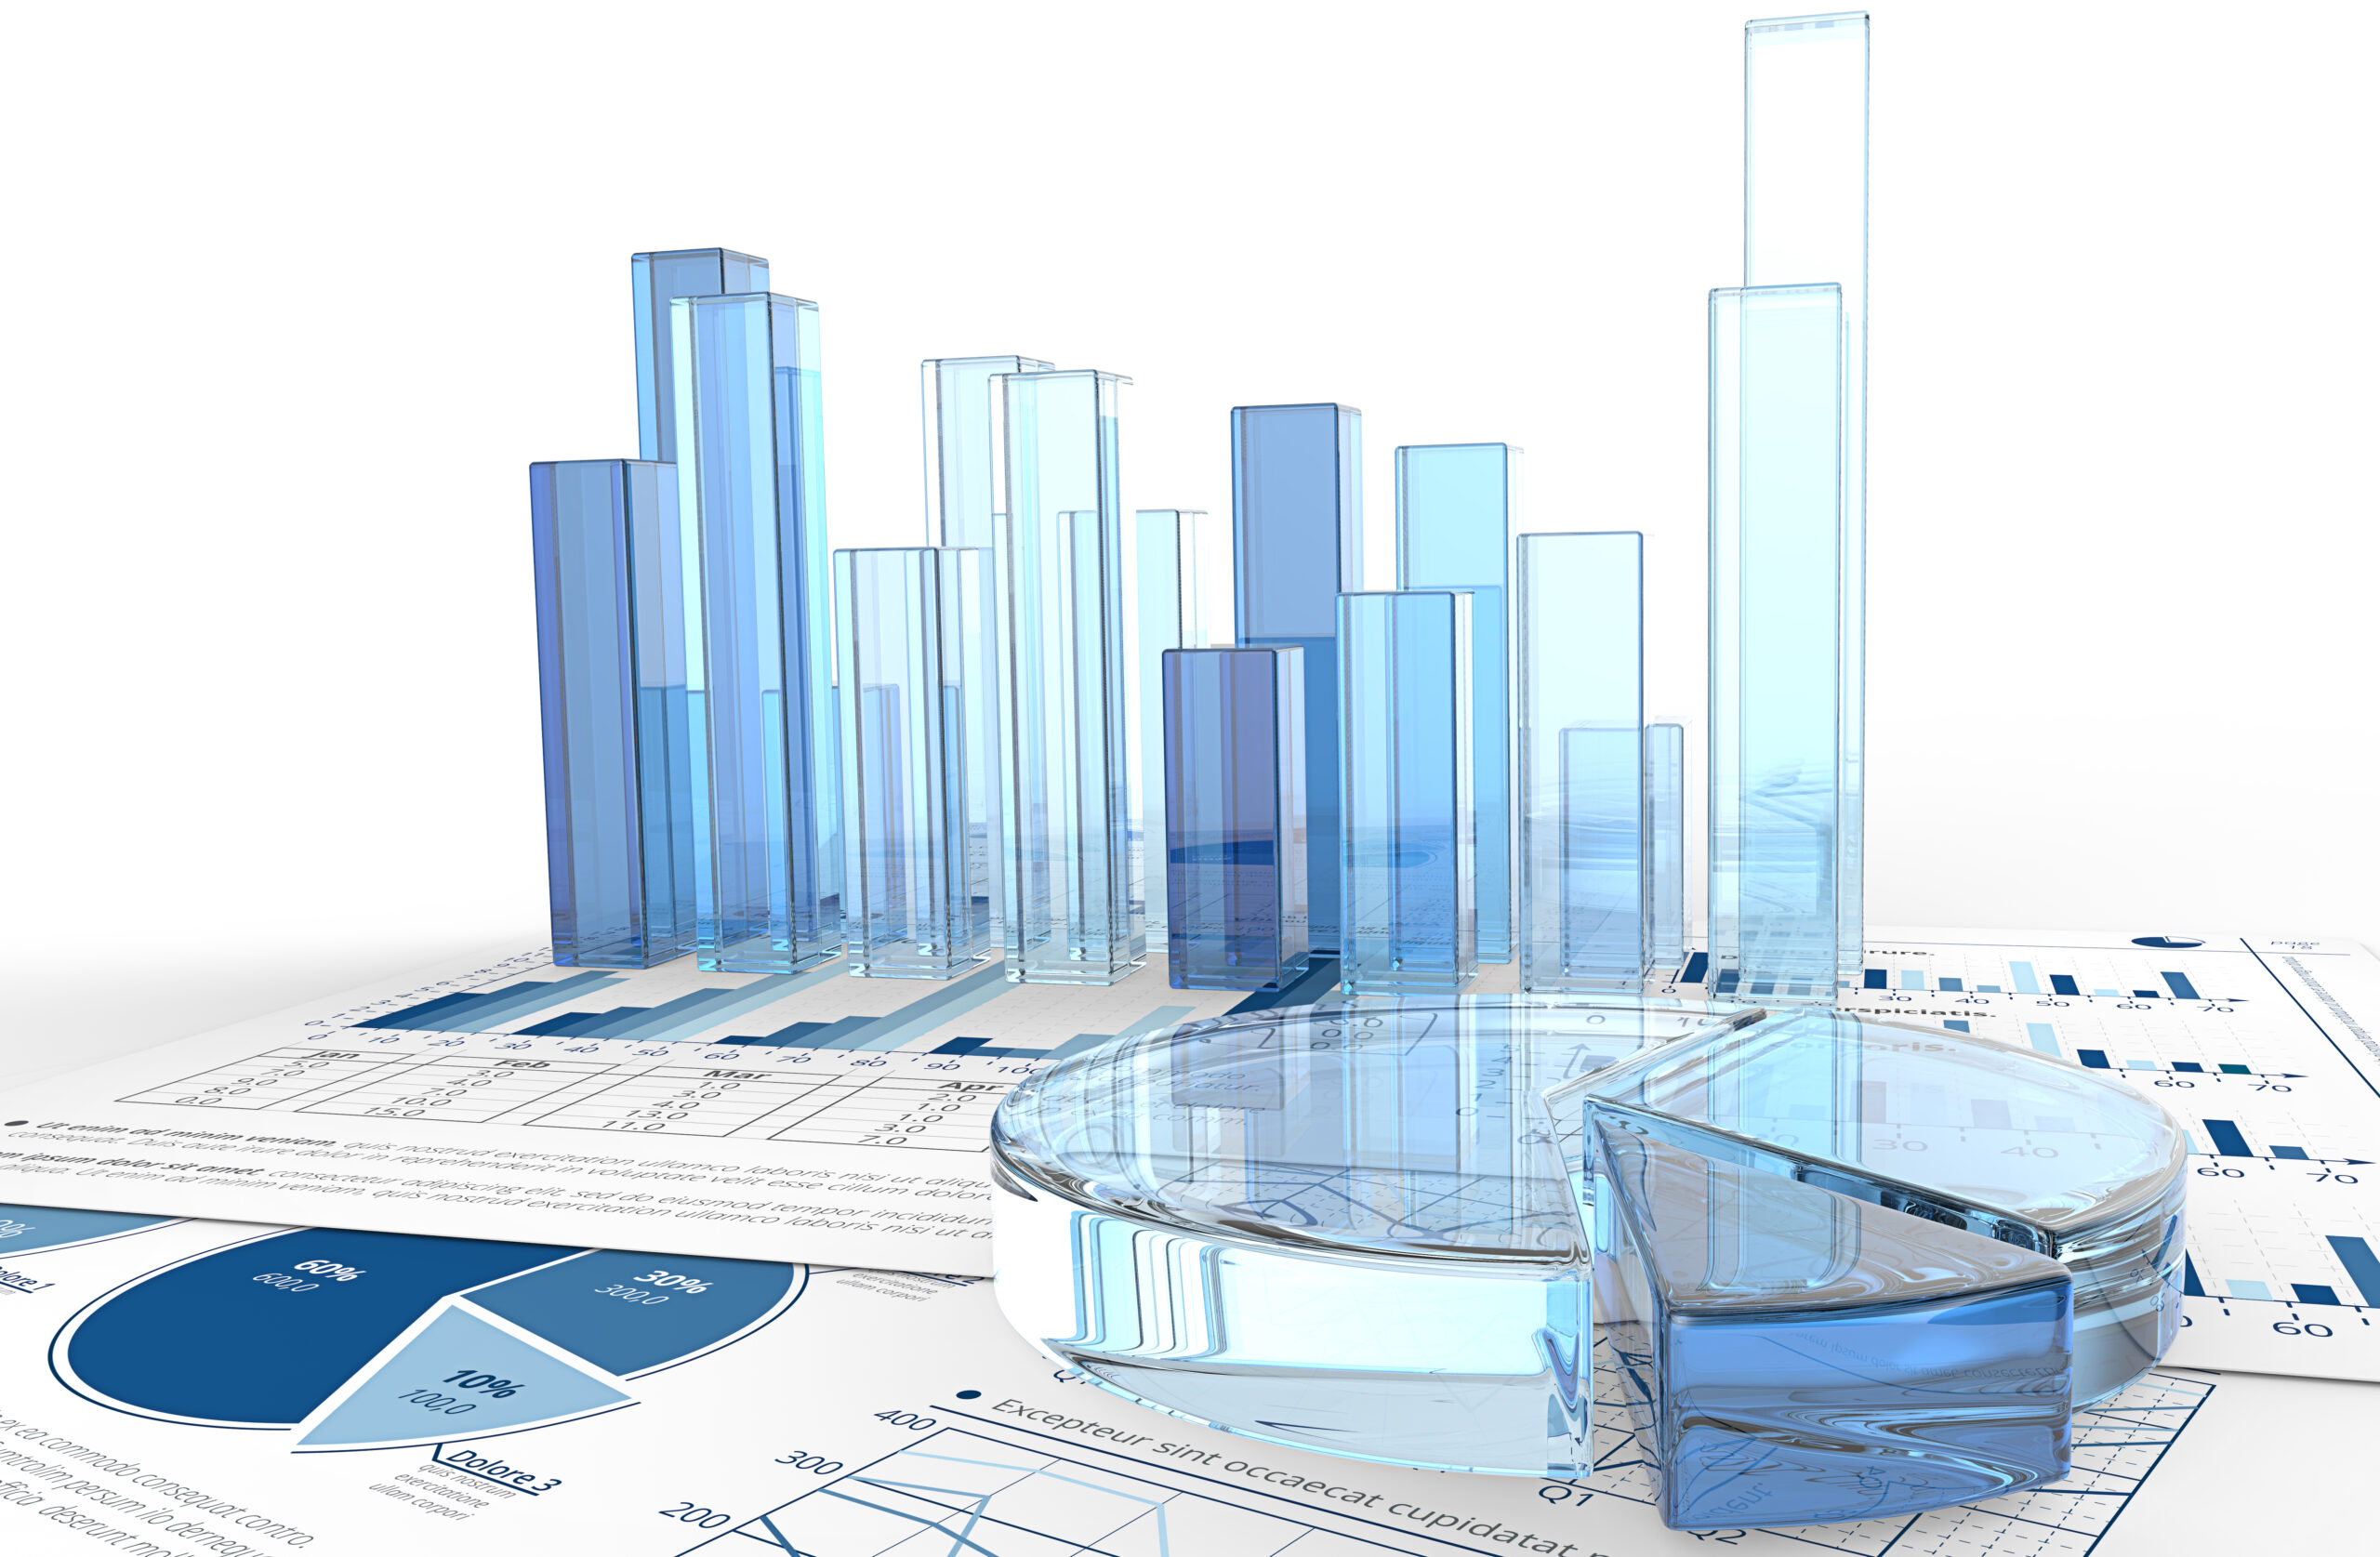 ステーブルコイン、透明性をめぐる競争と事業運営の難しさ